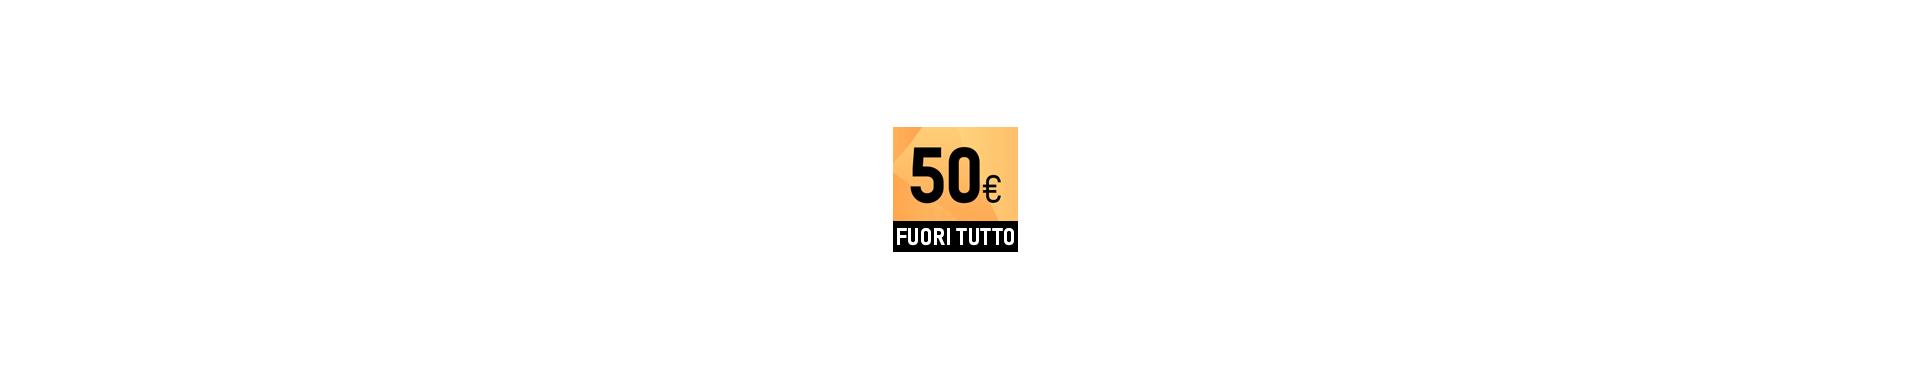 Fuori tutto Guanti da moto a 50 euro